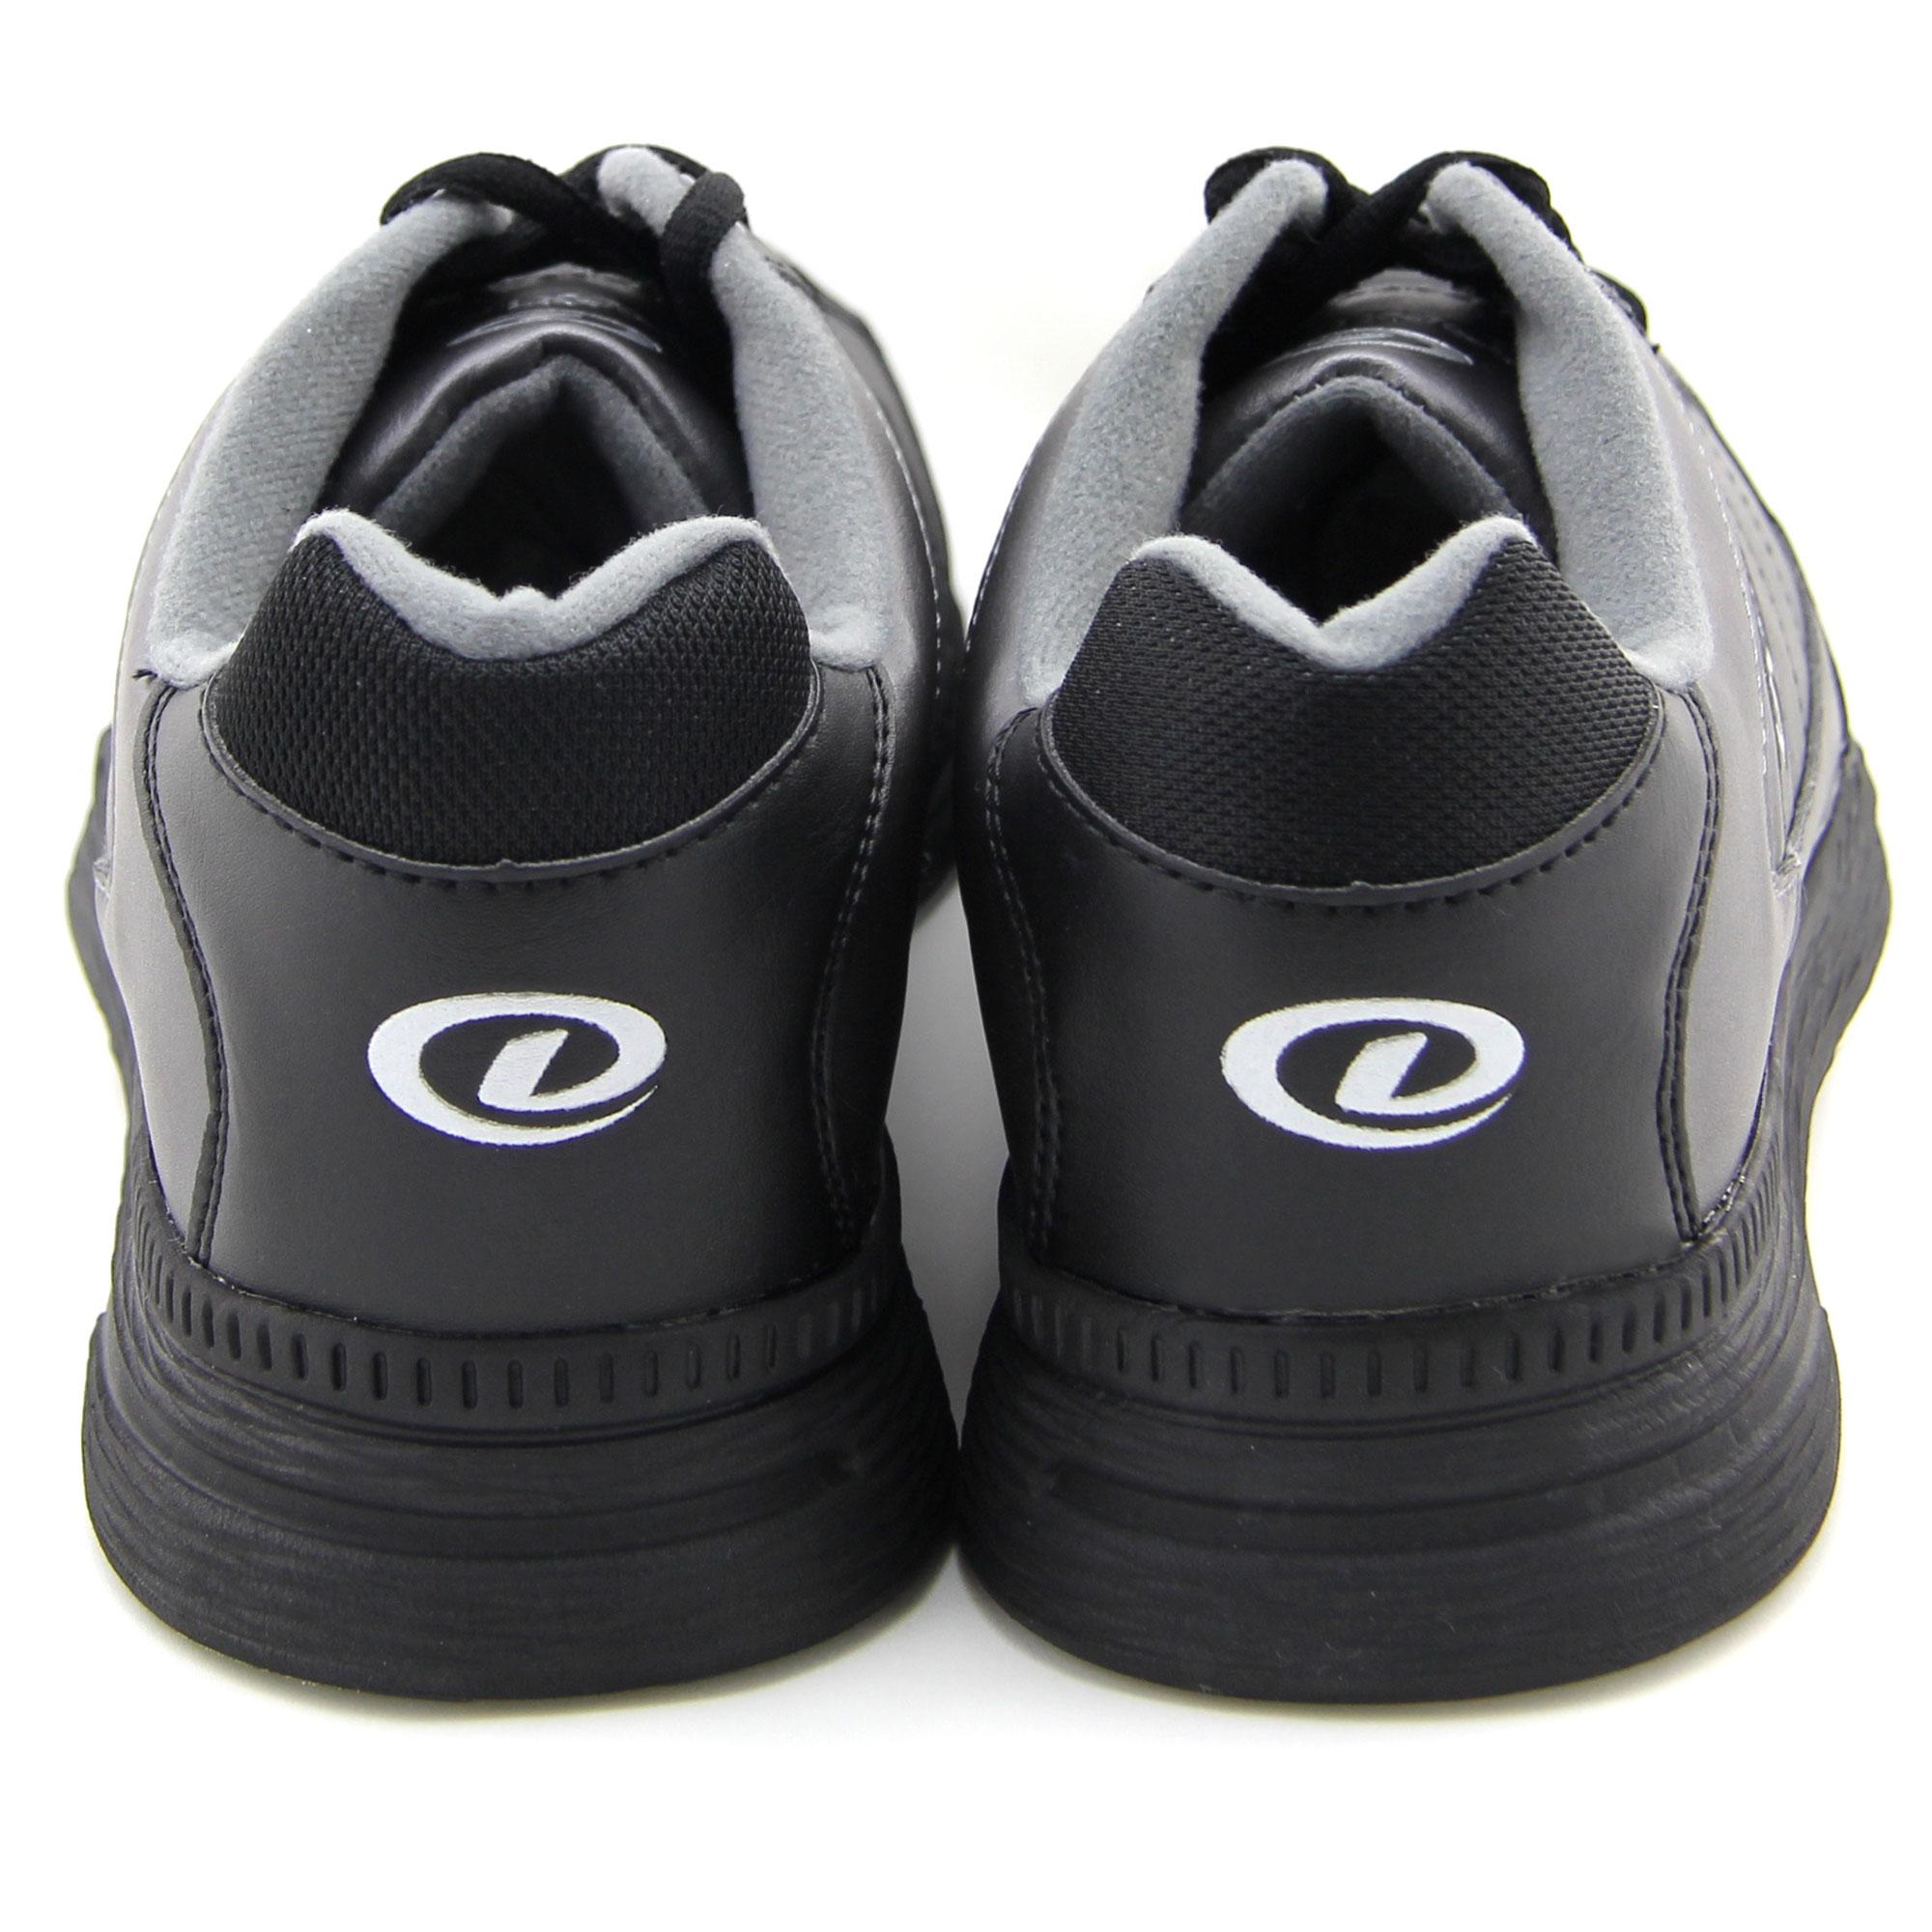 Herren-Bowlingschuhe-Dexter-Ricky-IV-black-alloy-sehr-leicht-und-bequem Indexbild 11